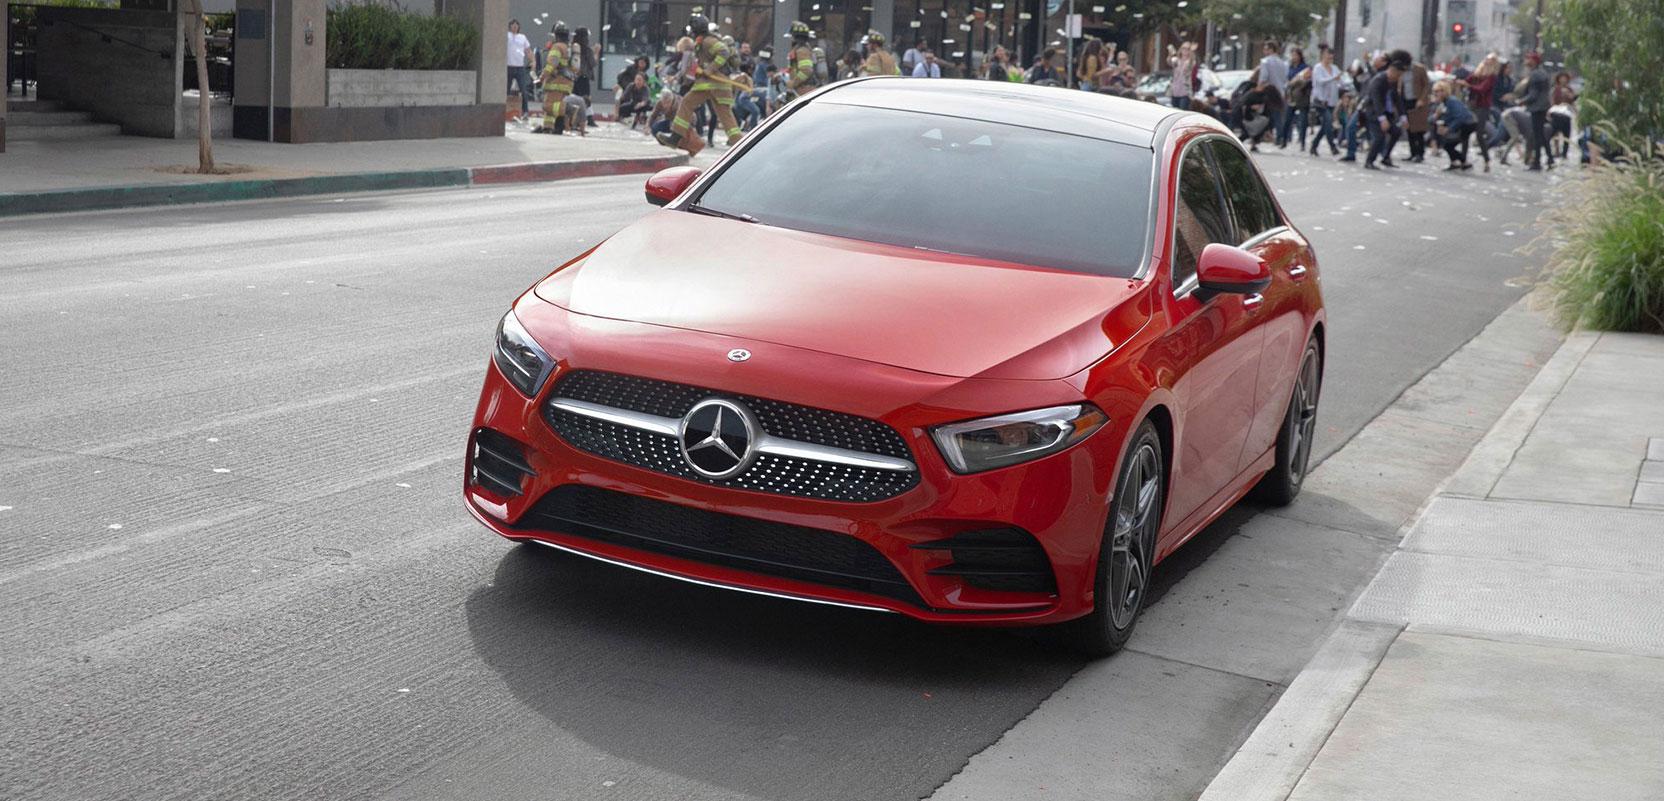 Mercedes-Benz A-Class 2019 и система MBUX в новой рекламной кампании